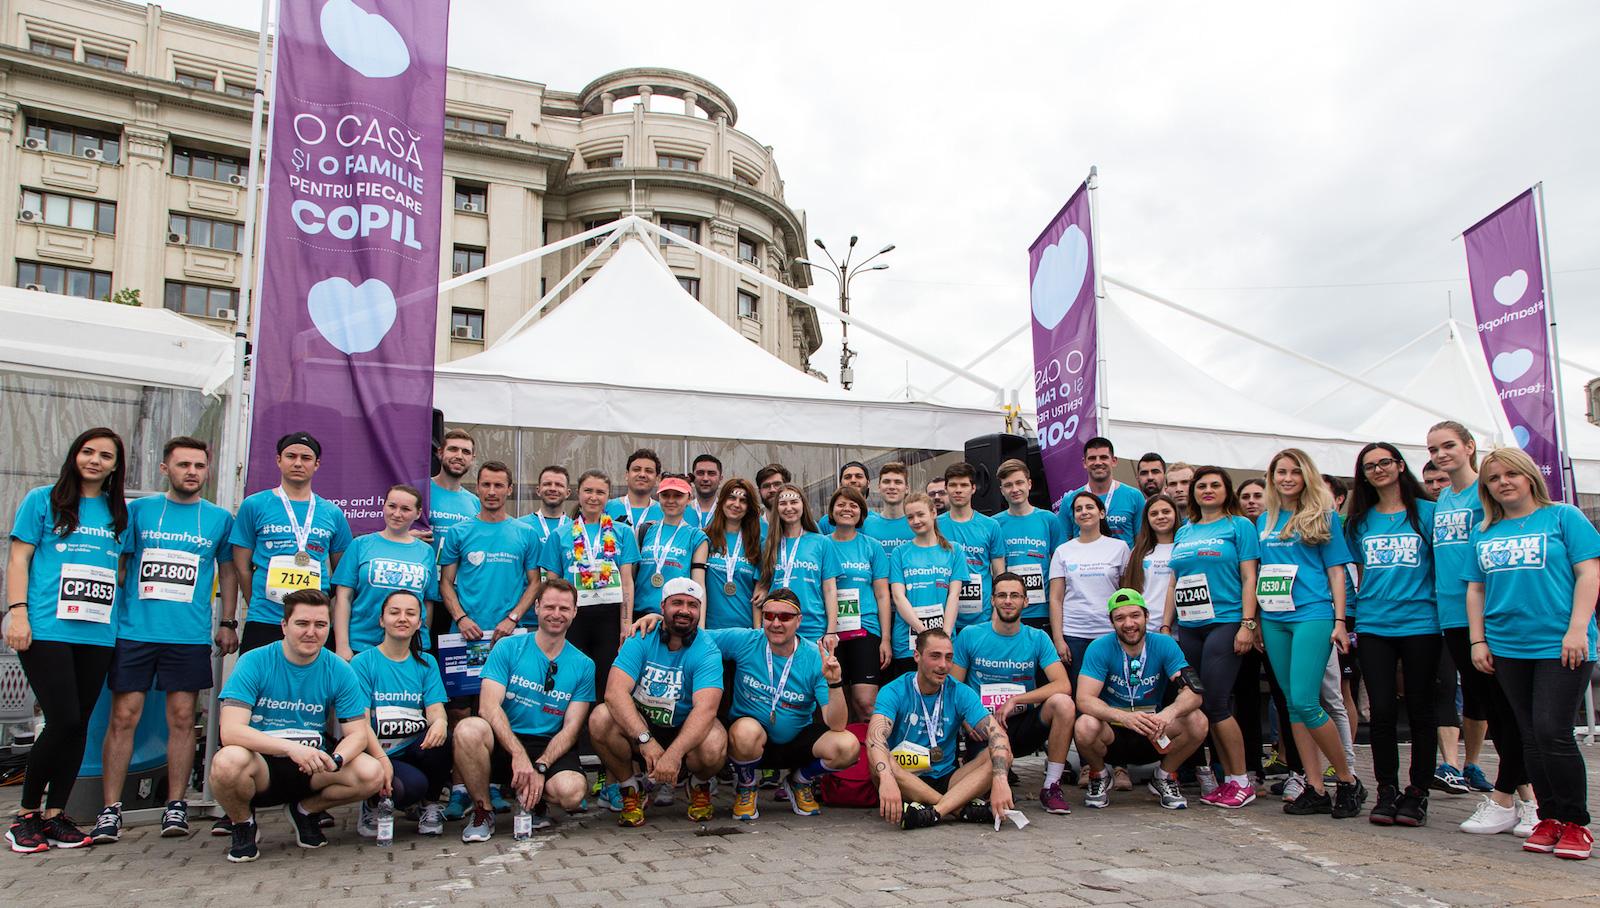 Team Hope_Semimaratonul Bucuresti 2017_03_Foto Mihnea Ciulei.jpg